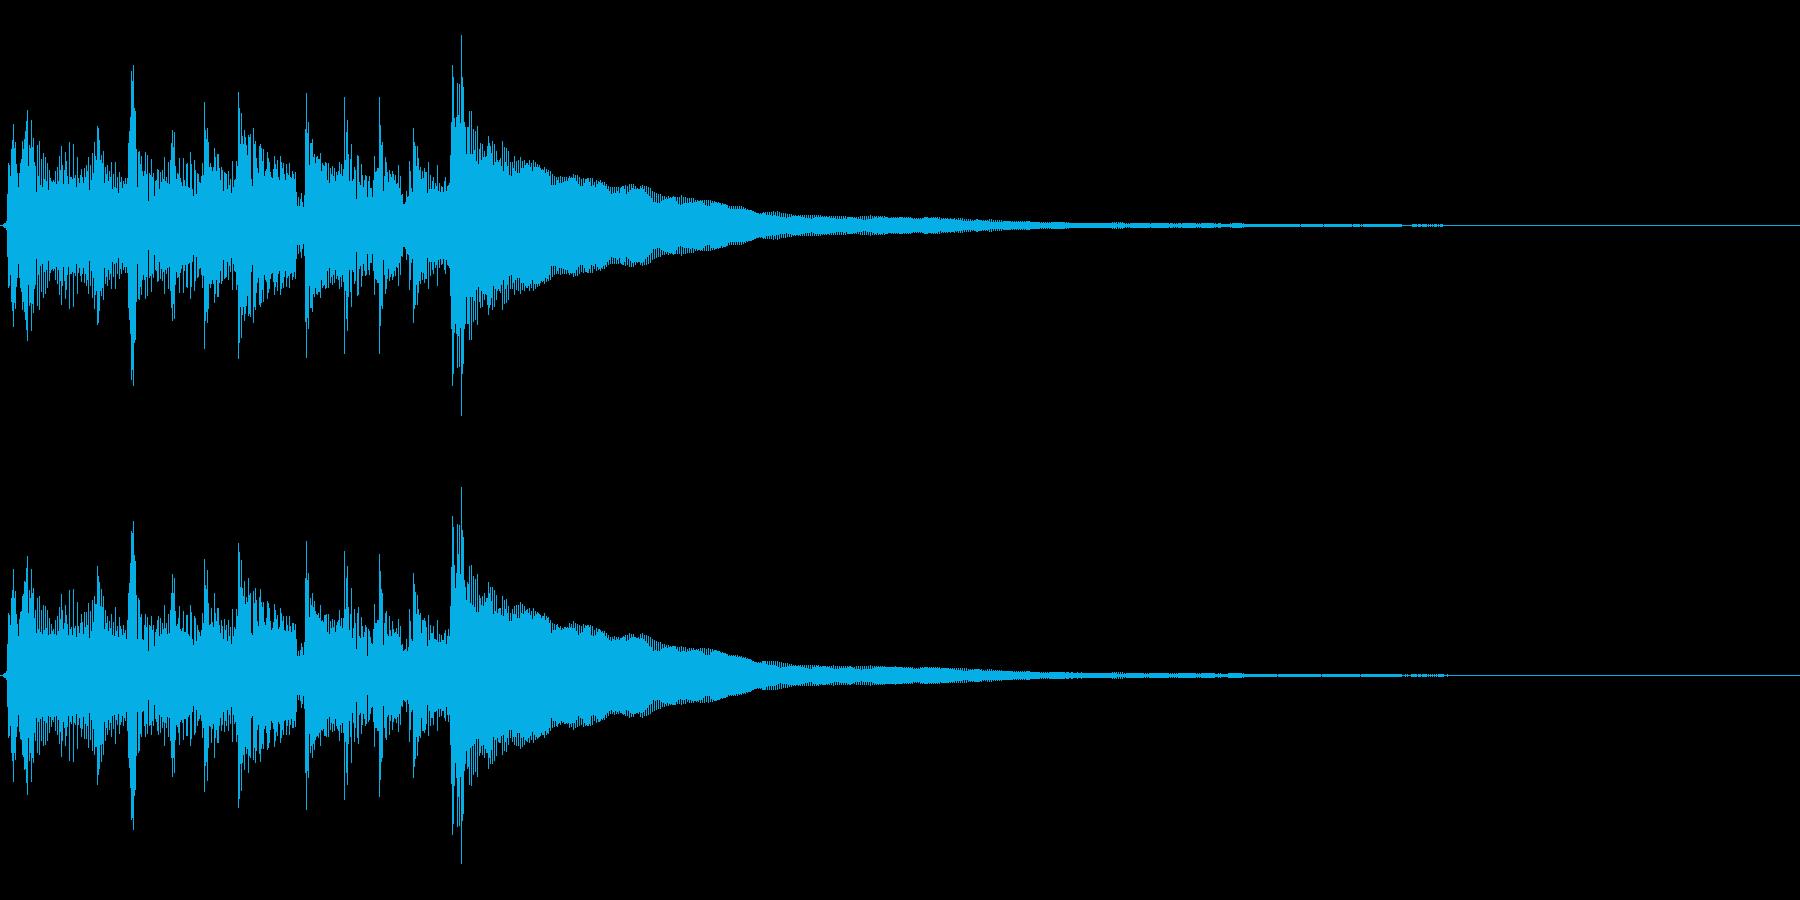 ★2本のアコギジングル/生音、爽やかの再生済みの波形